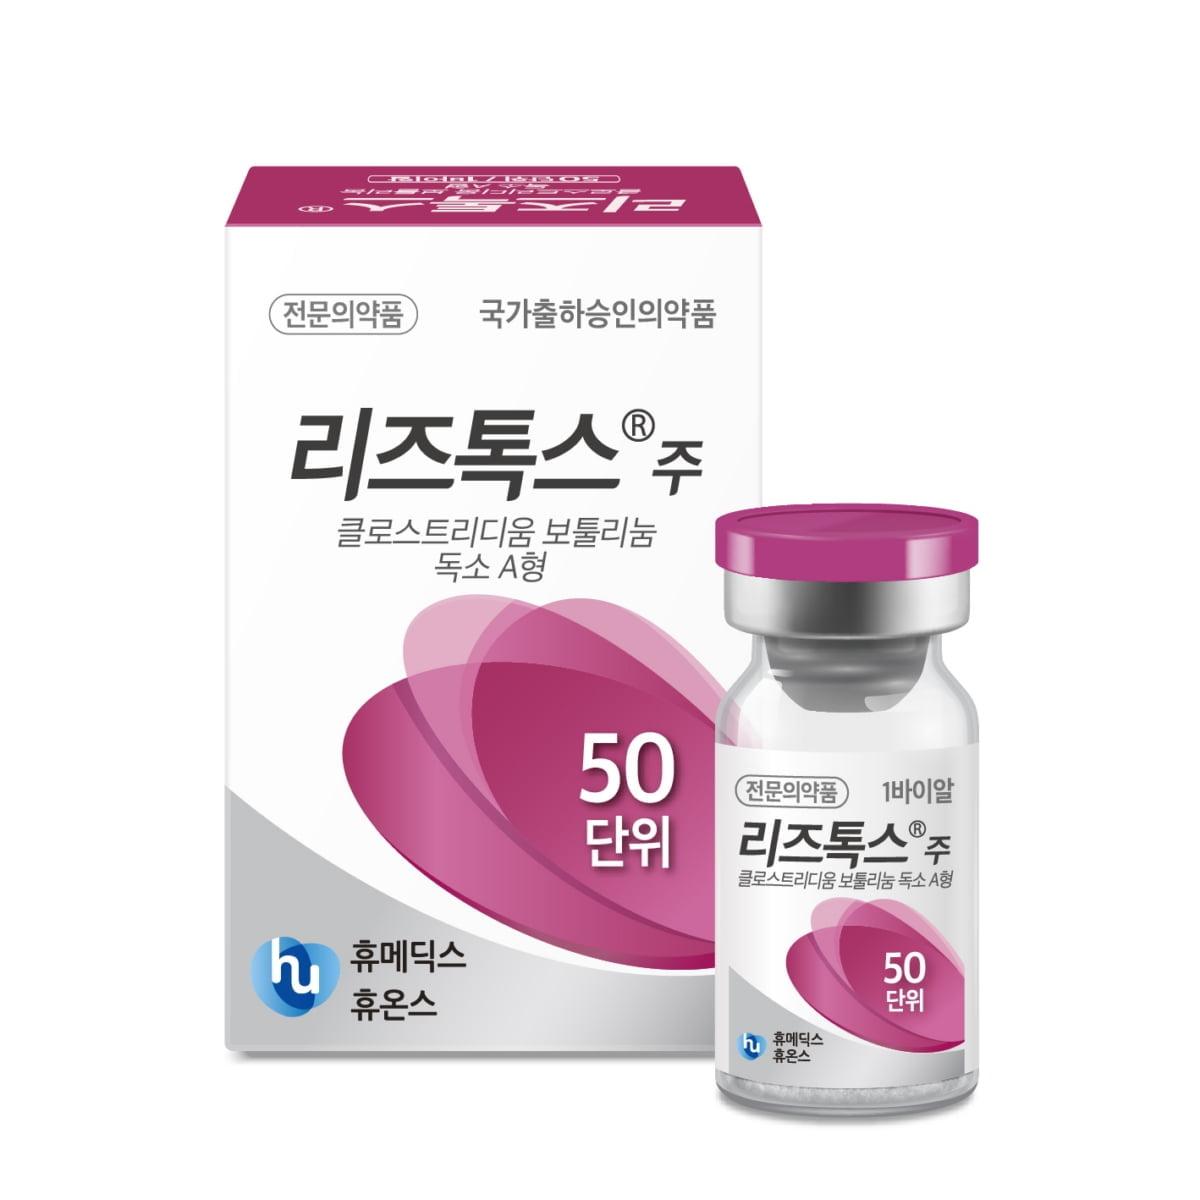 휴온스바이오파마, `리즈톡스` 50단위 품목 허가